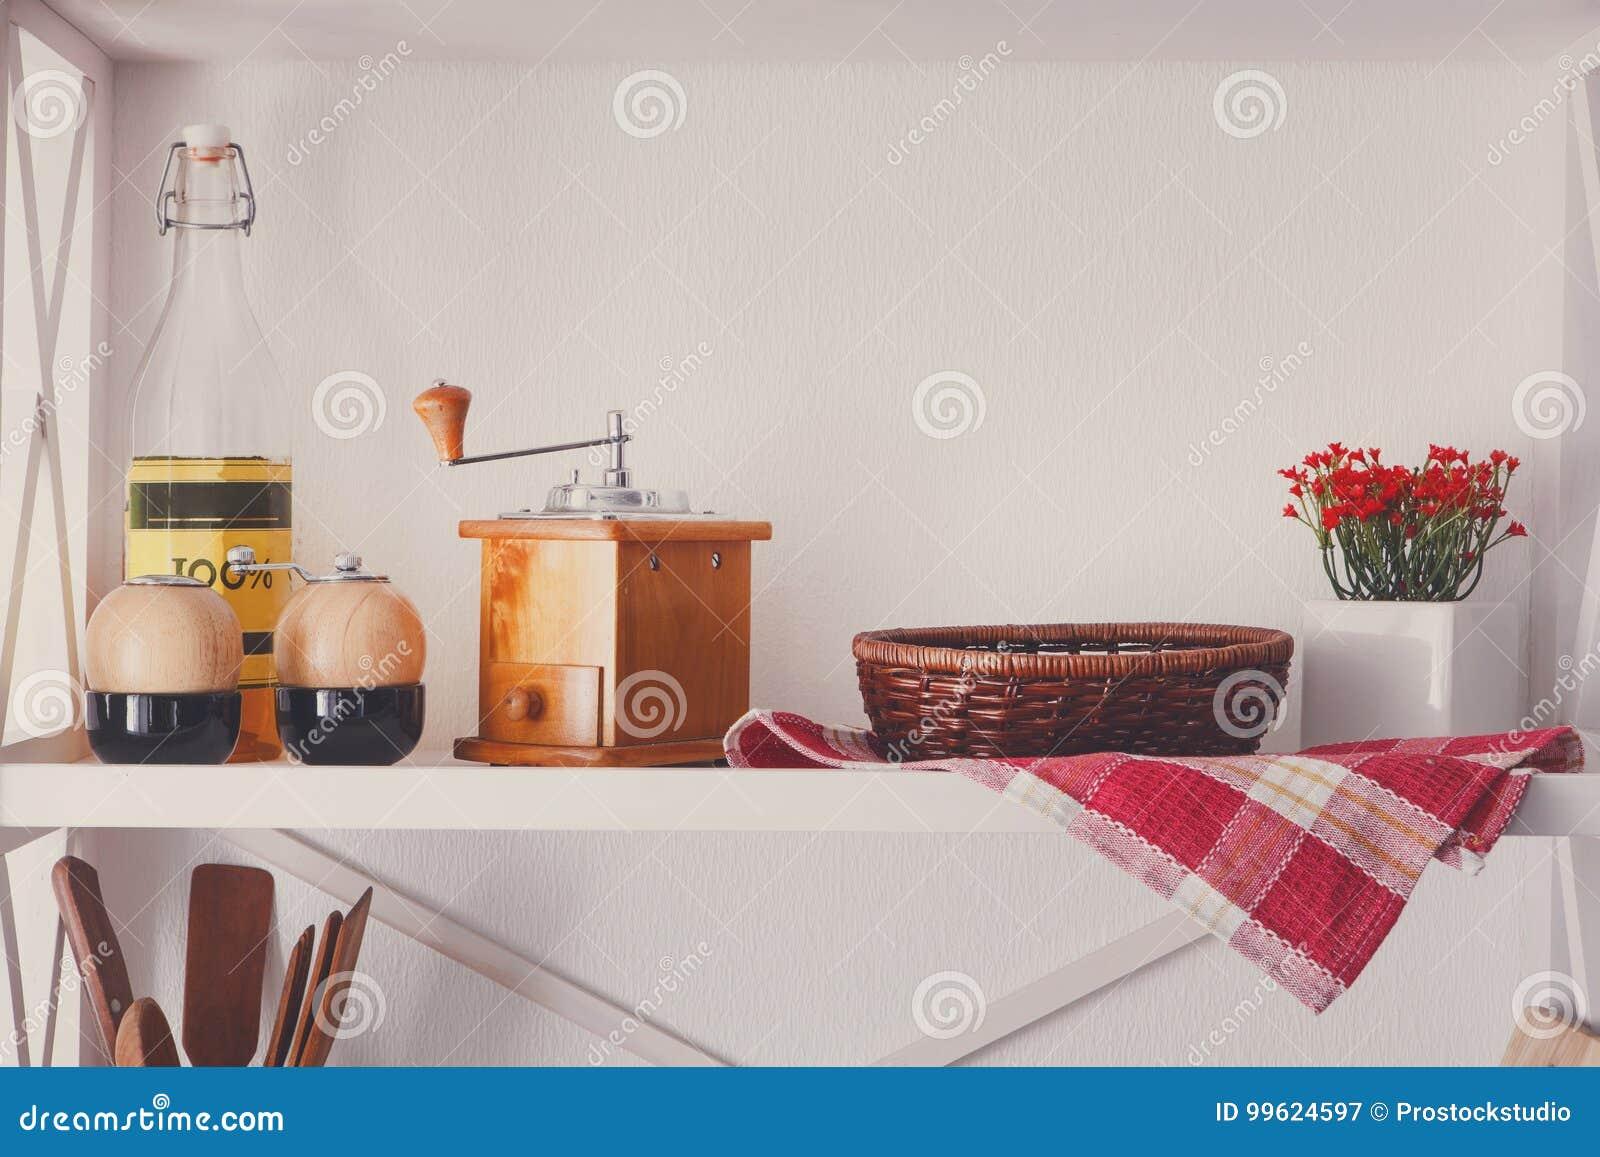 Estante De Madera Blanco, Muebles Rústicos De La Cocina Imagen de ...